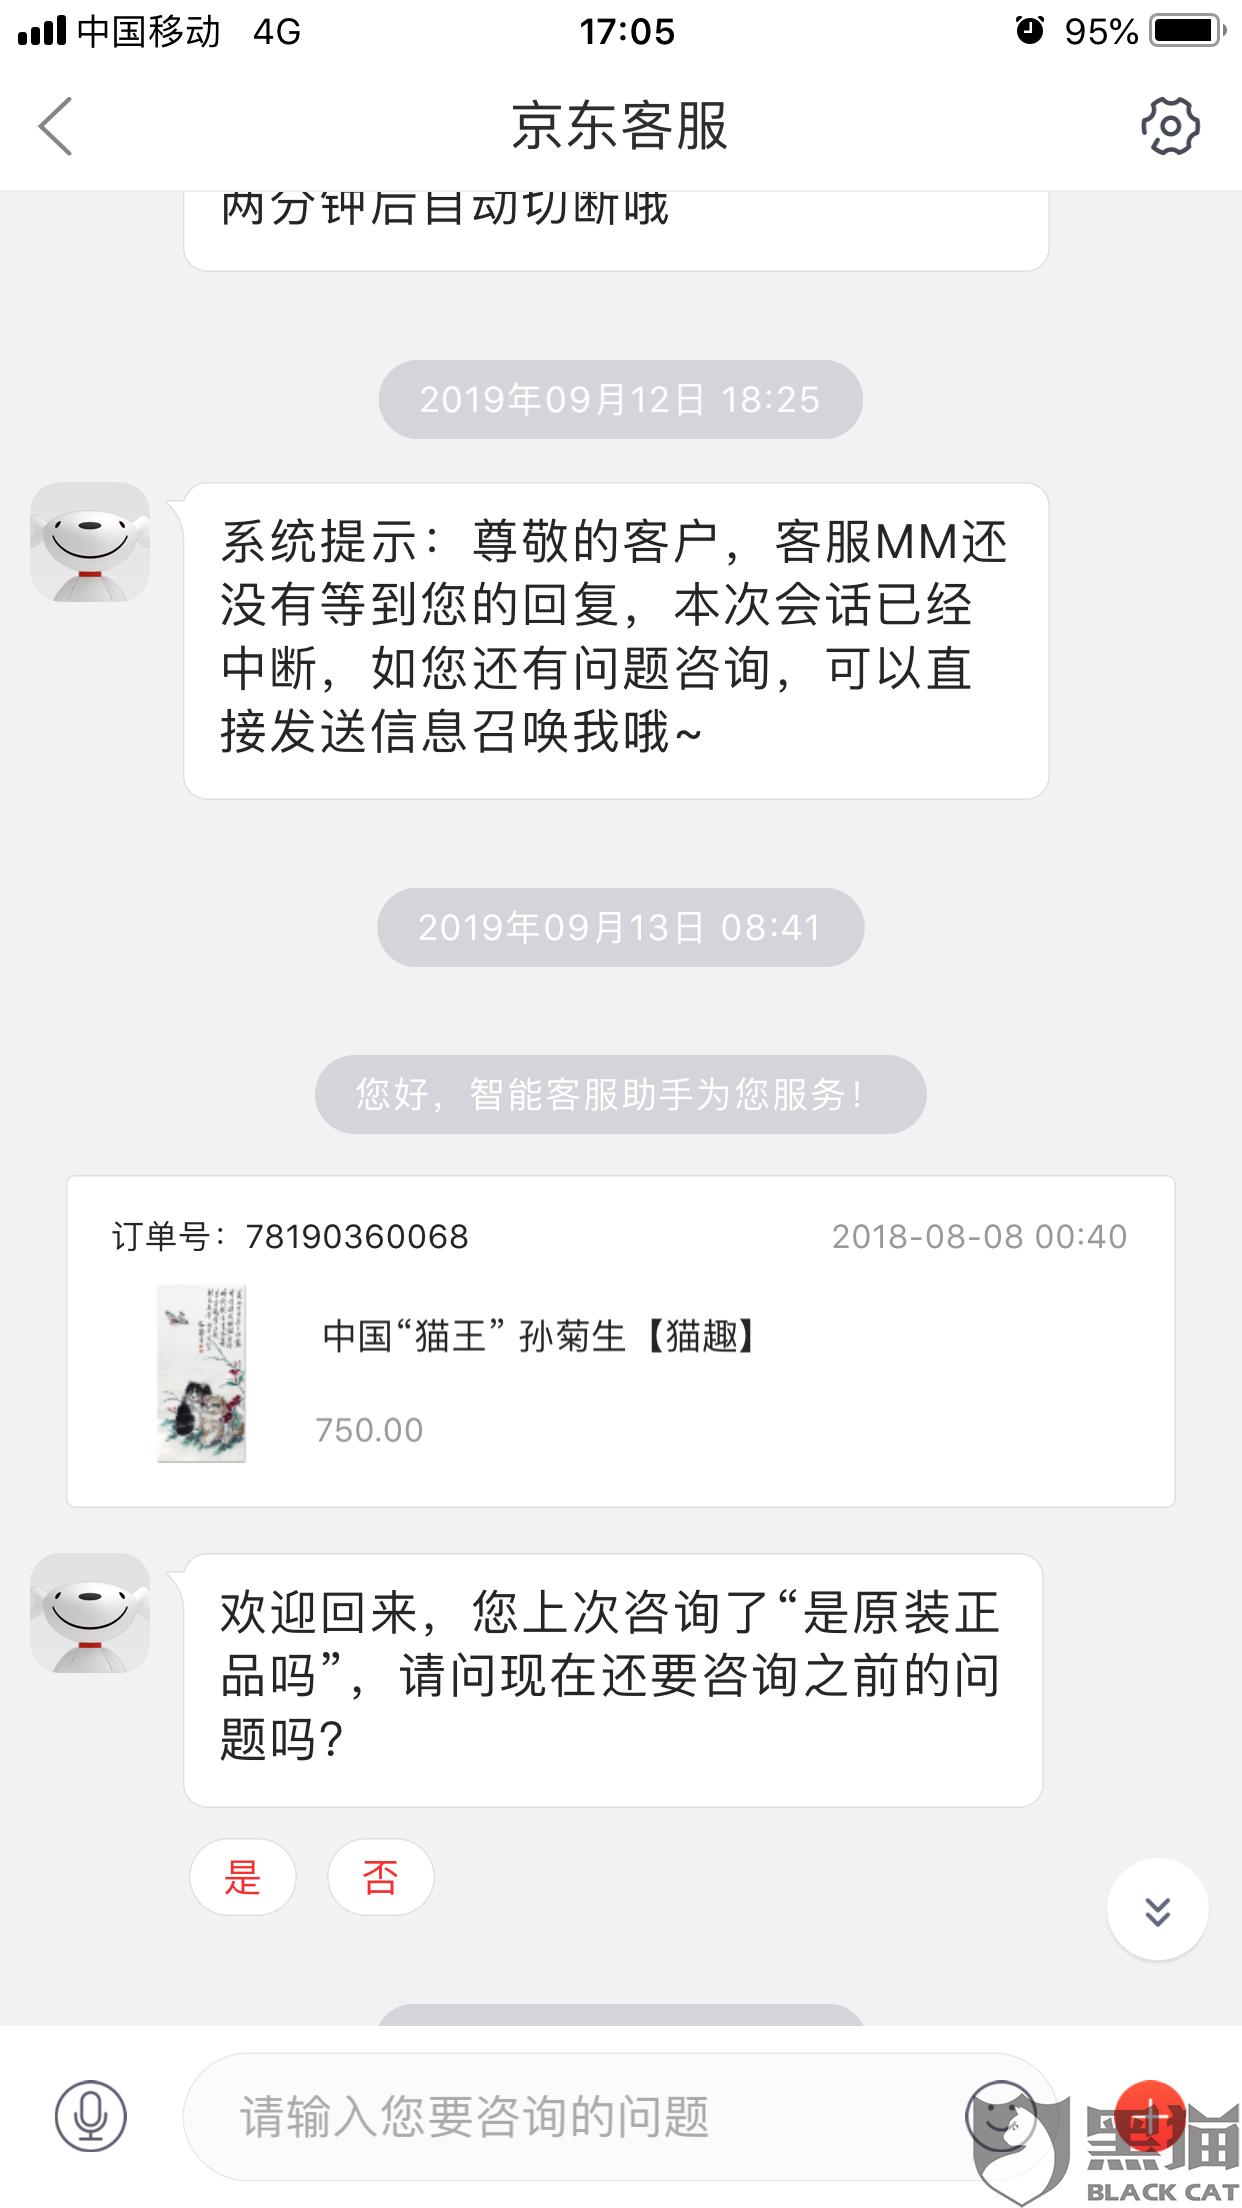 黑猫投诉:京东第三方卖家华夏艺术品